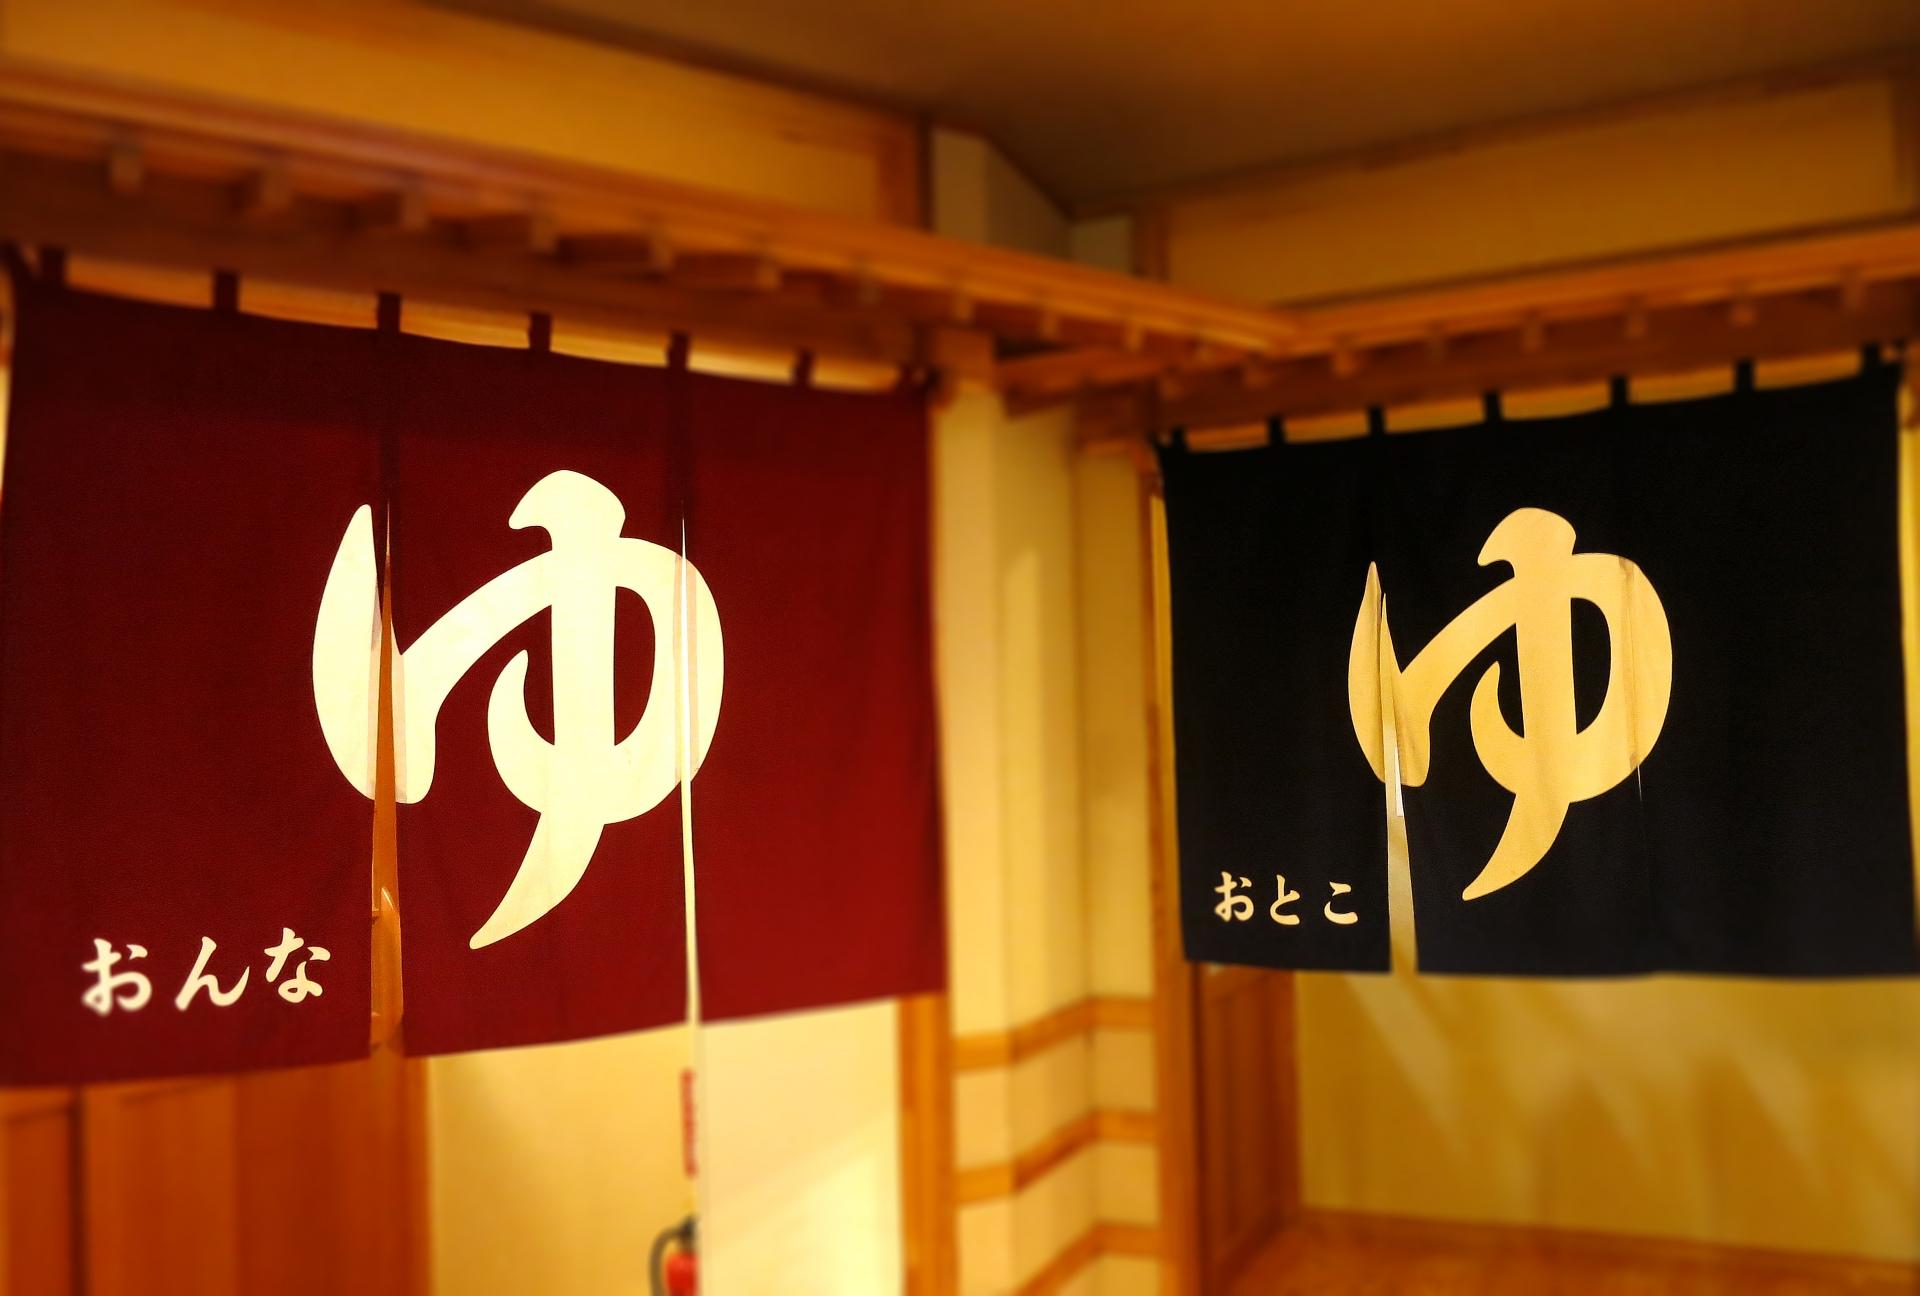 糸魚川市の温泉は日帰りでもおすすめ!人気の宿や秘湯も紹介!